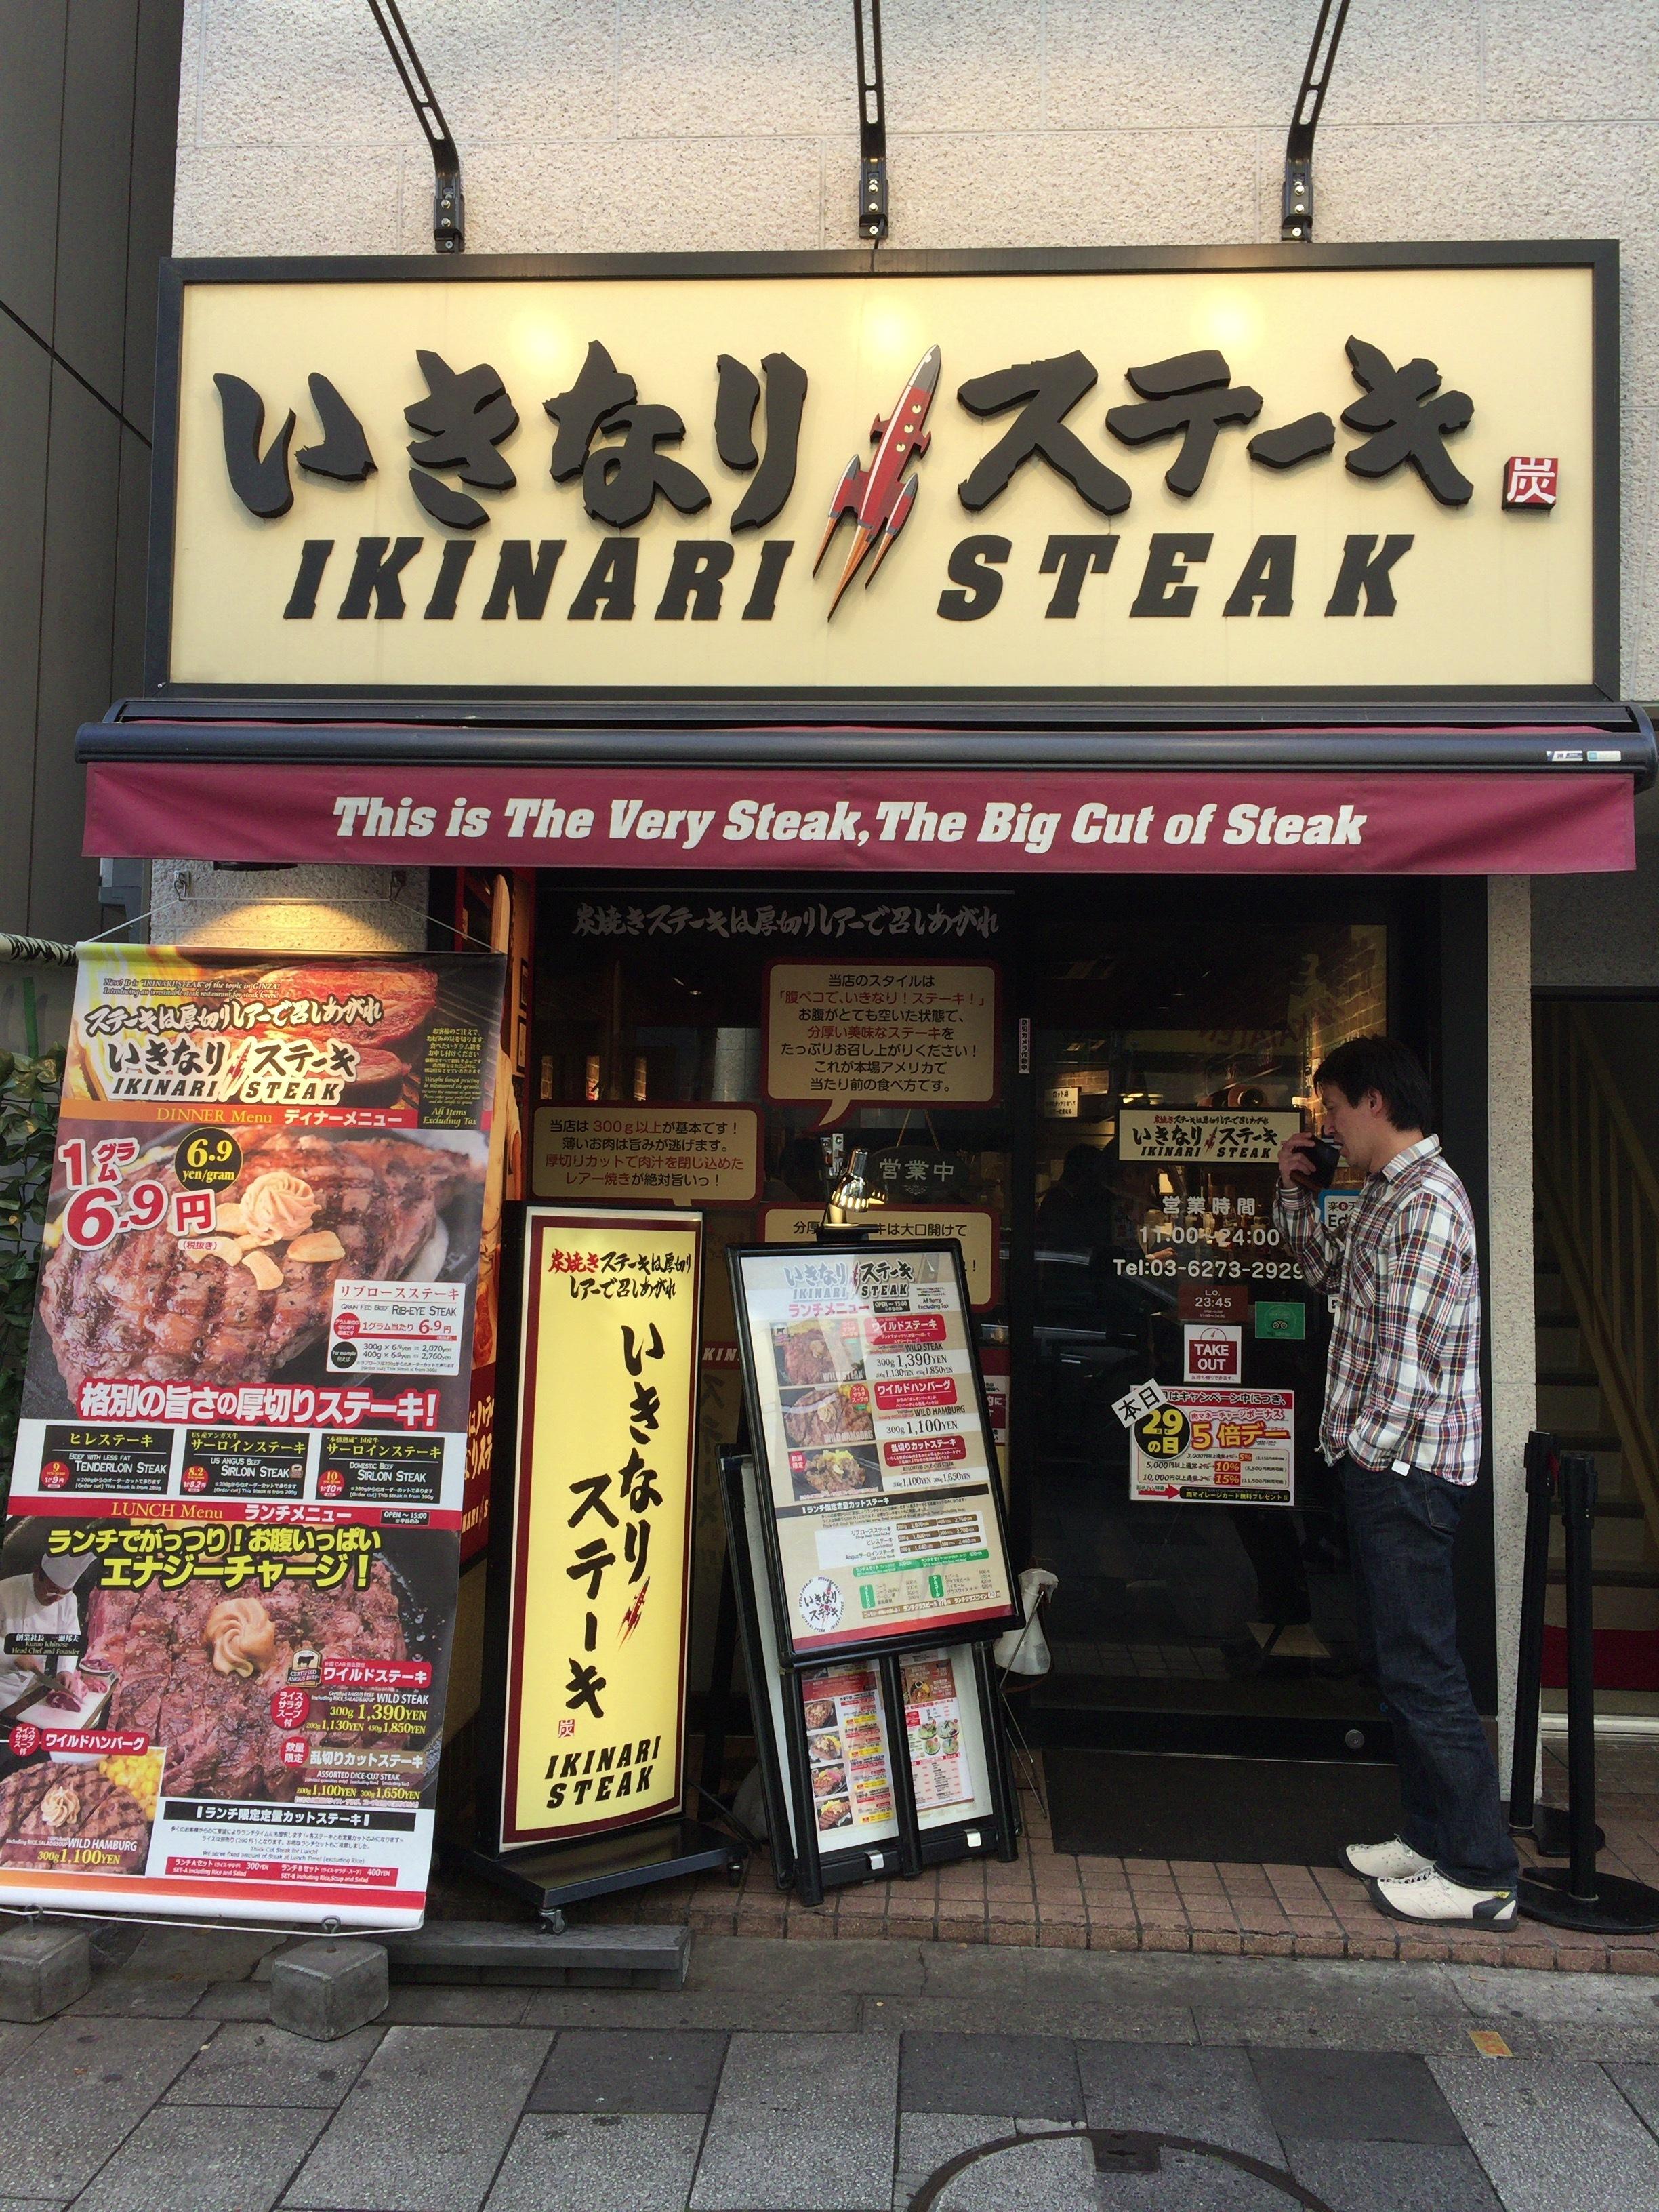 いきなり! ステーキ 新宿二丁目店 Picture